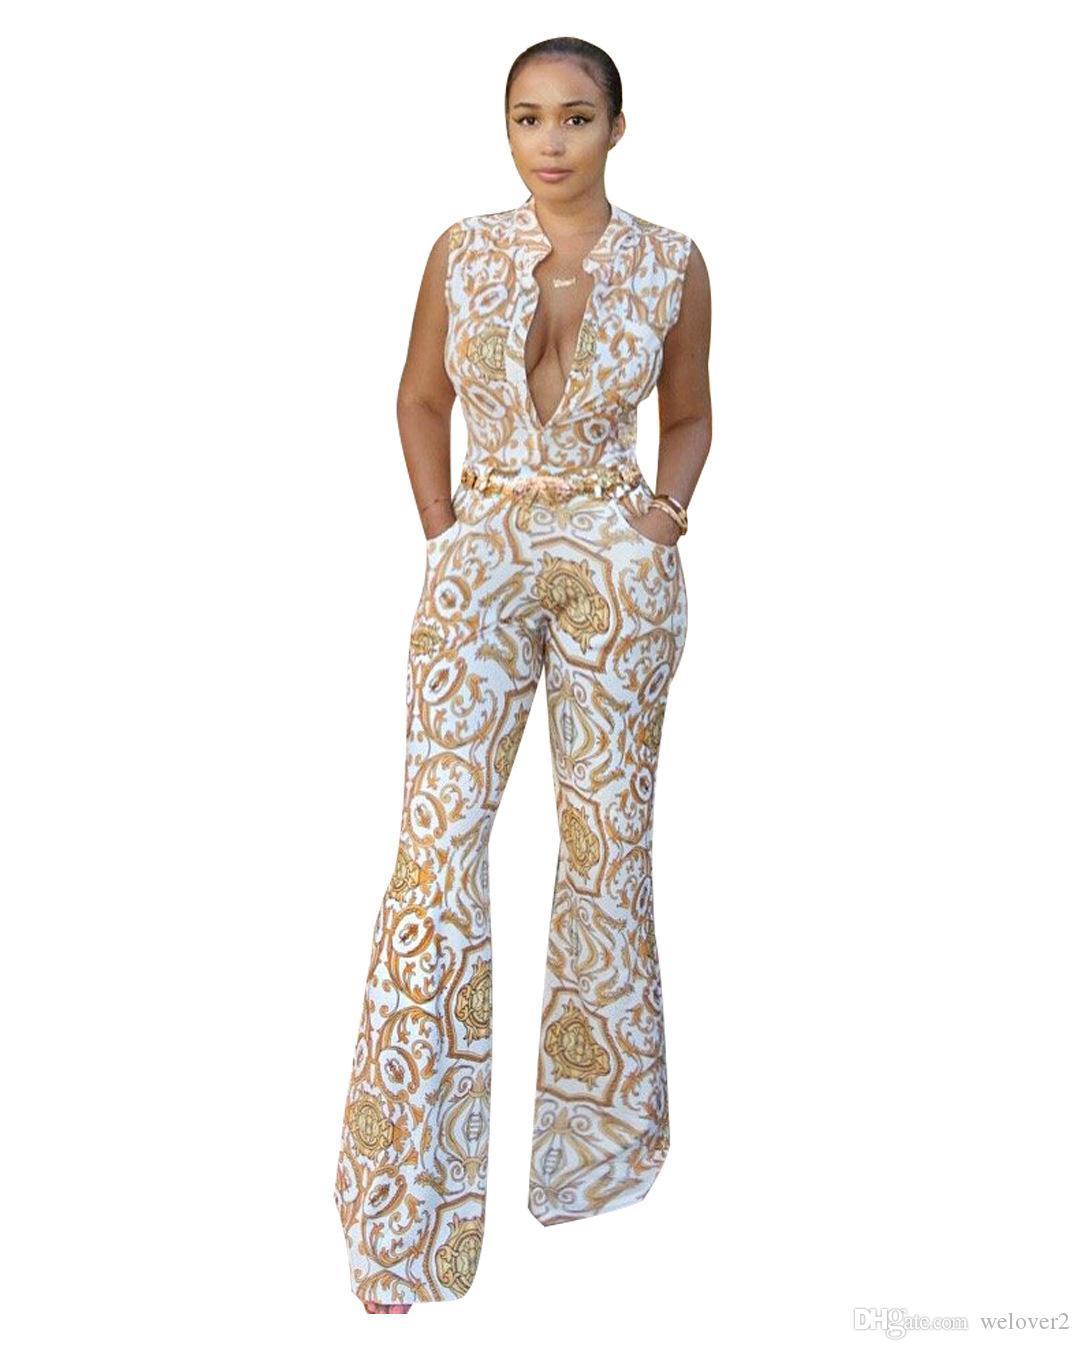 f931a21715 Compre Patrón De Oro Impreso Bodycon Mono Para Mujer Otoño Profundo Con  Cuello En V Sexy Monos Pantalones Largos Mamelucos Para Mujer Mono Catsuit  J1394 A ...